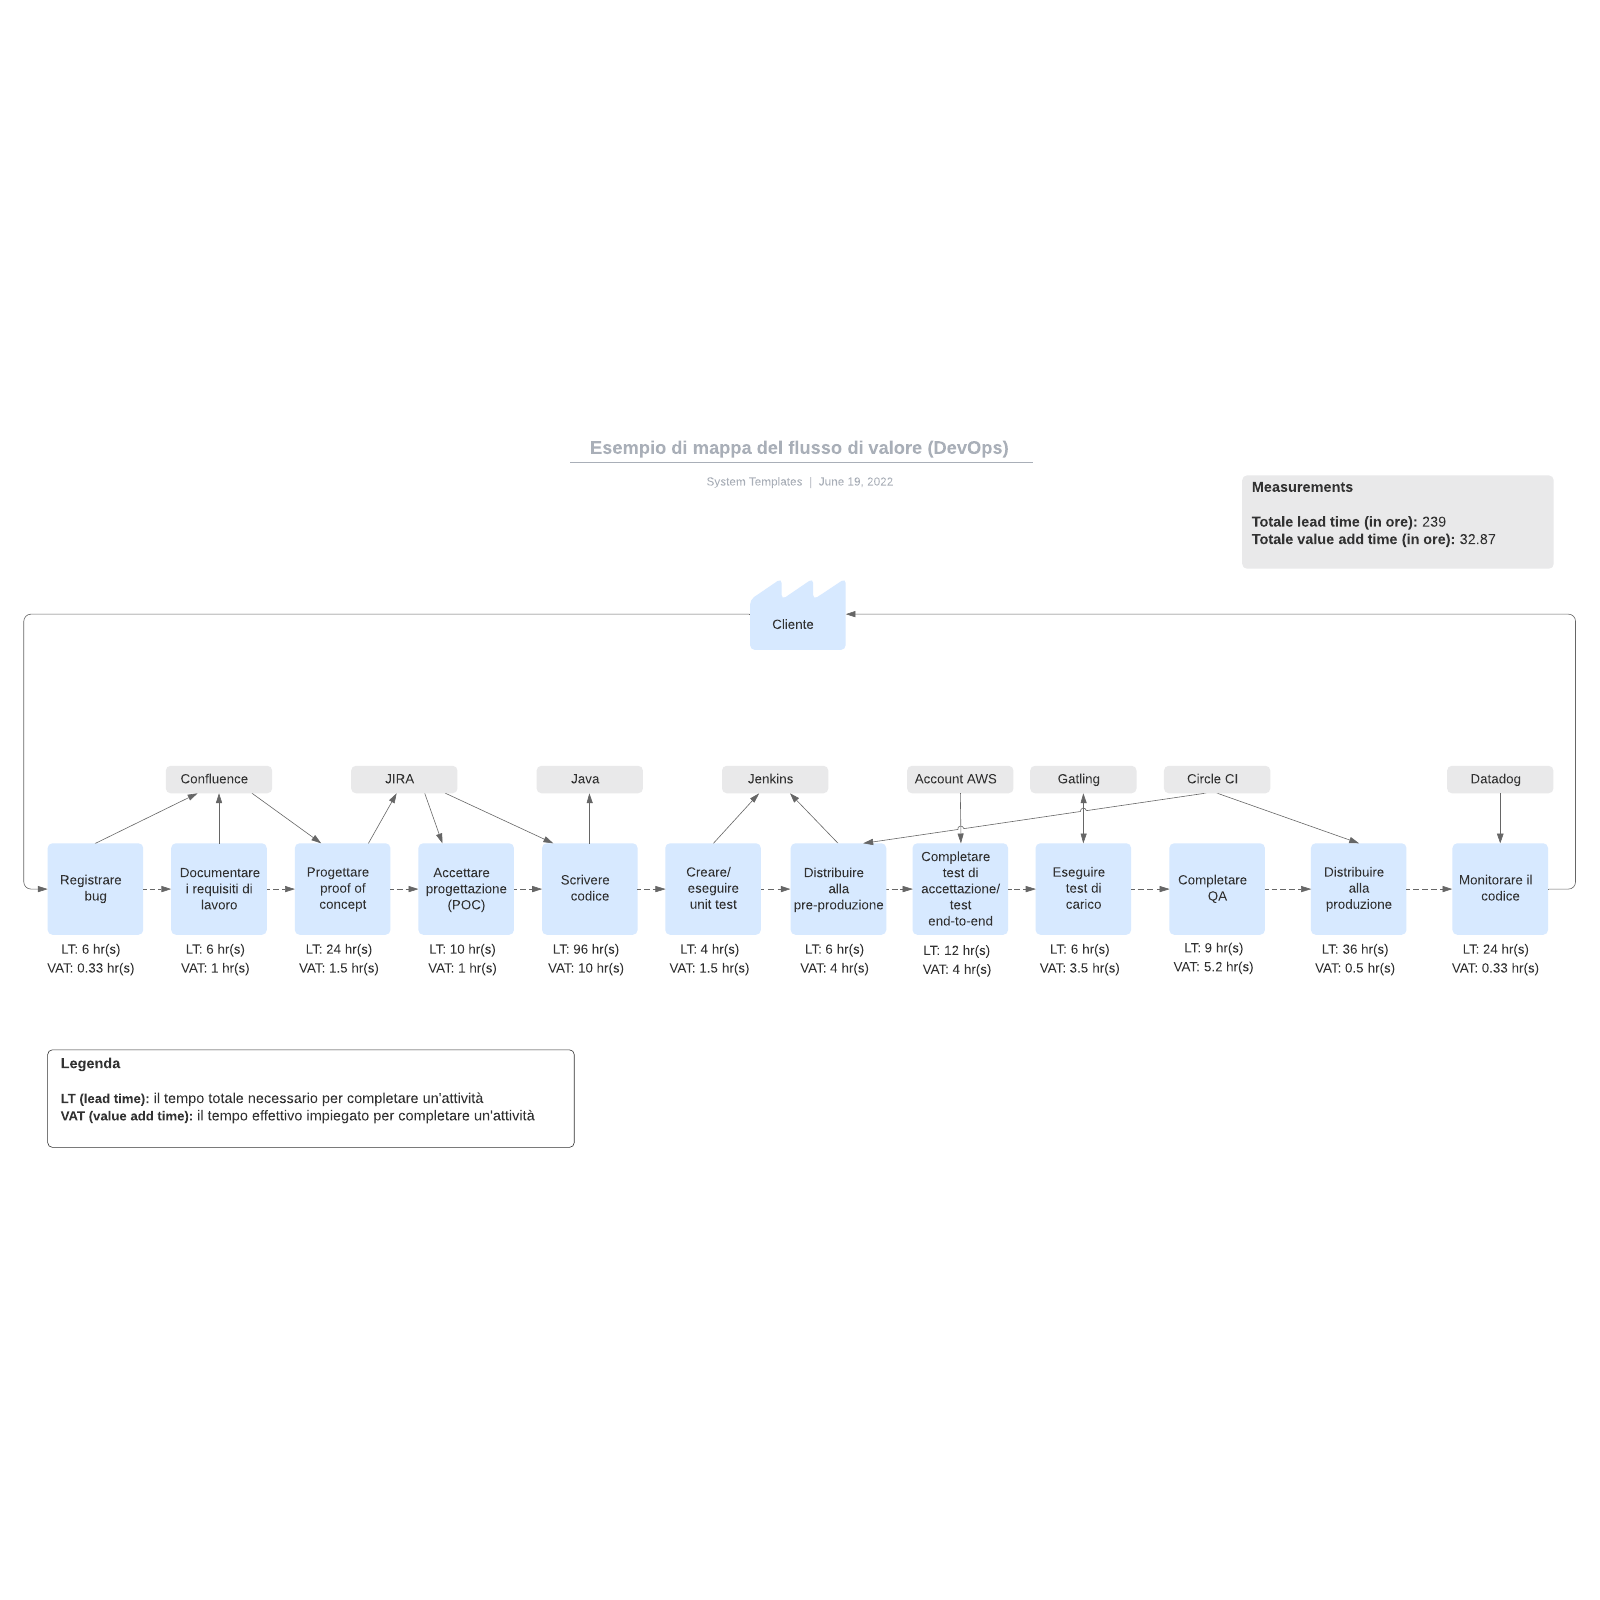 Esempio di mappa del flusso di valore (DevOps)